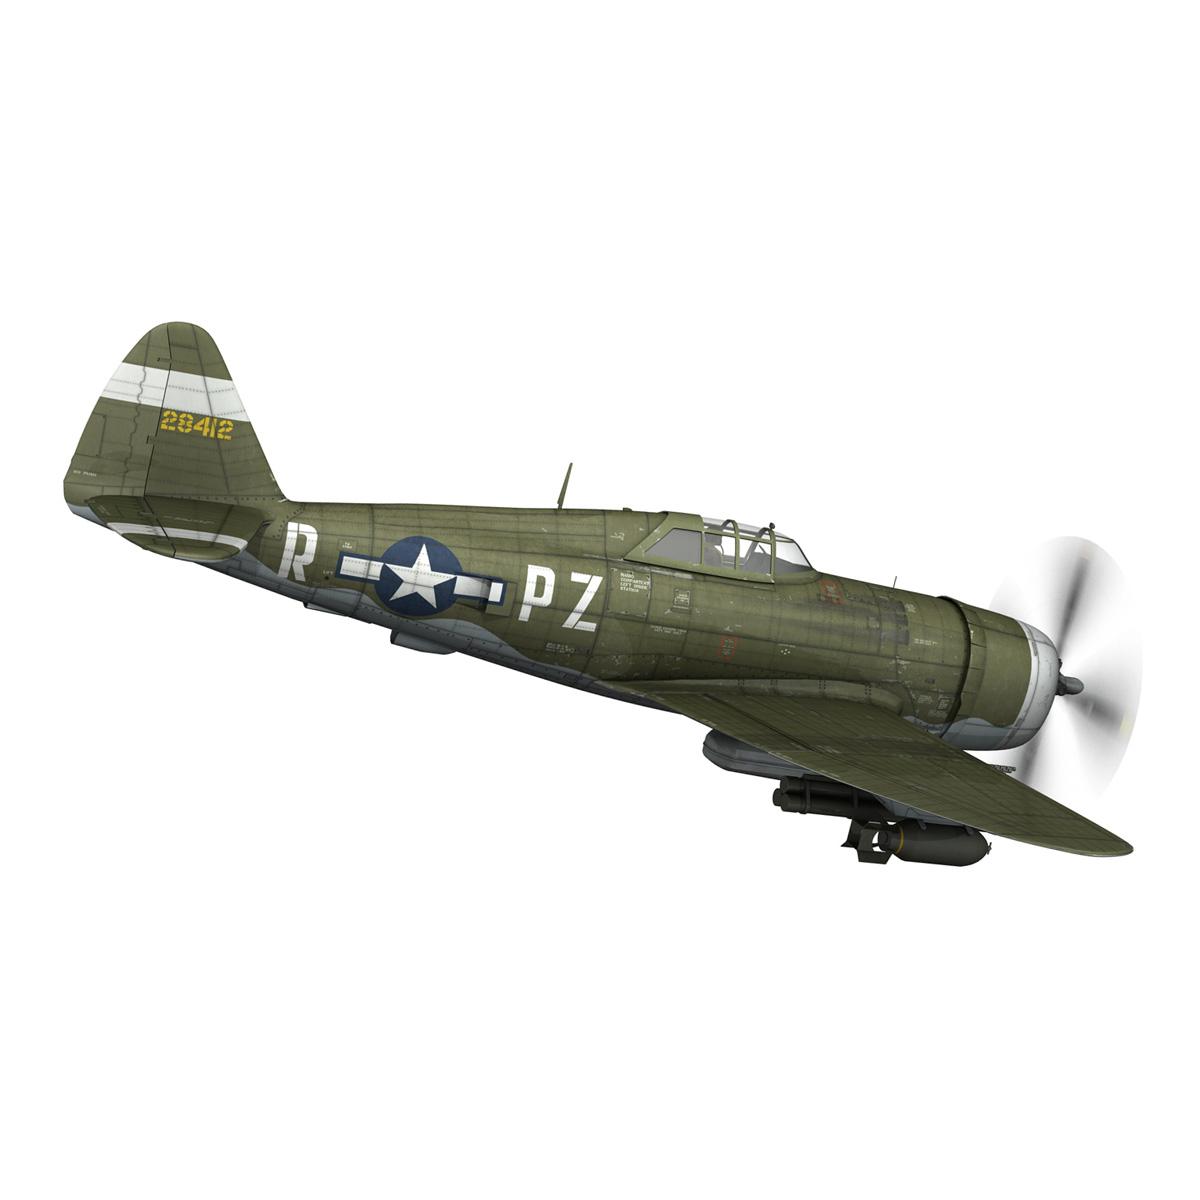 republic p-47d thunderbolt – sweetie – pz-r 3d model 3ds fbx c4d lwo obj 281837